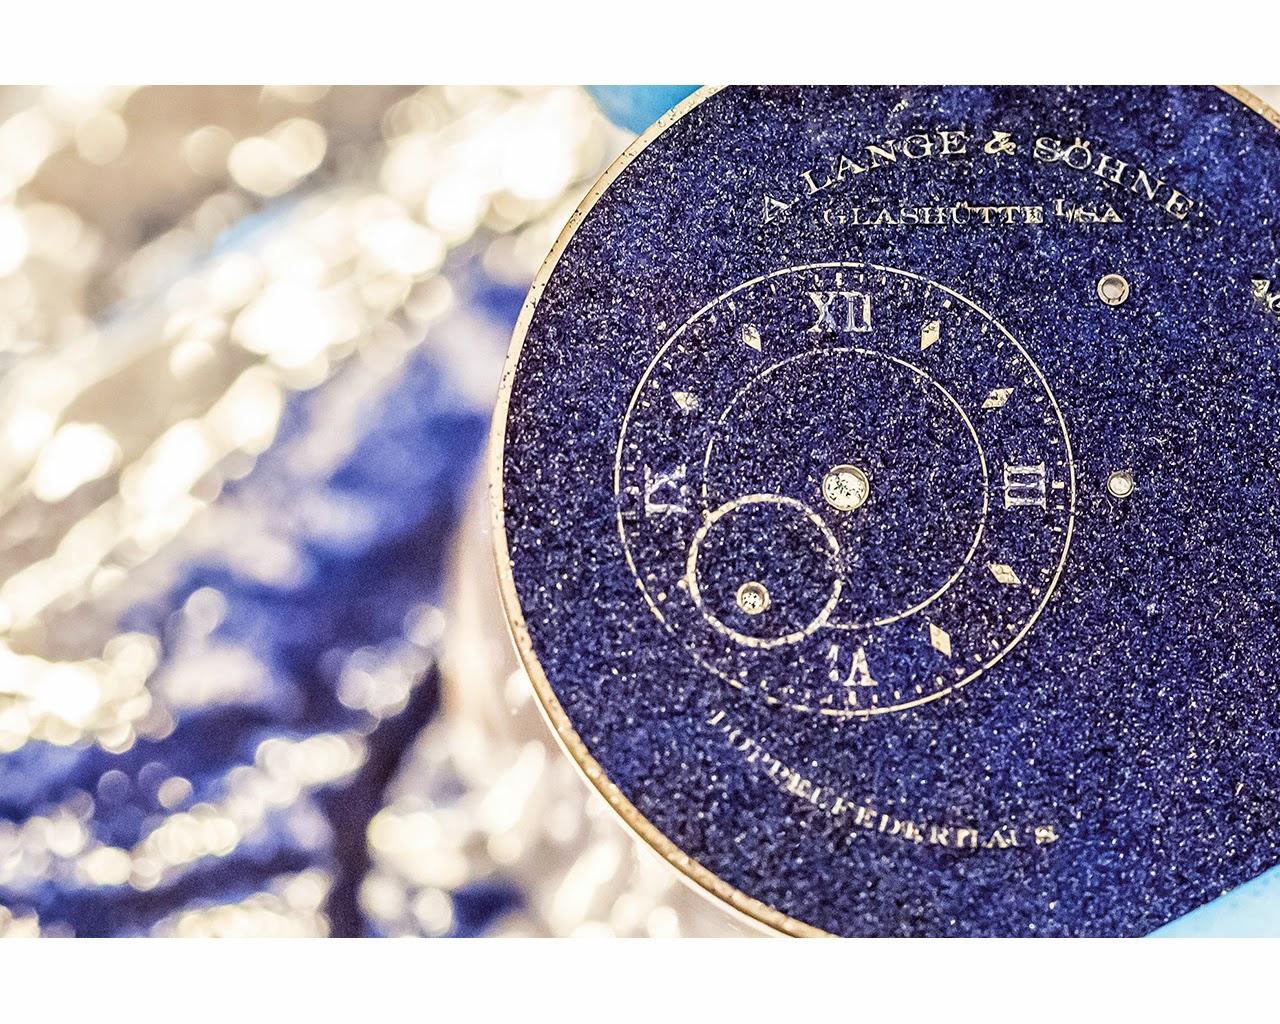 Como realiza A. Lange & Söhne un dial esmaltado debajodelreloj 97